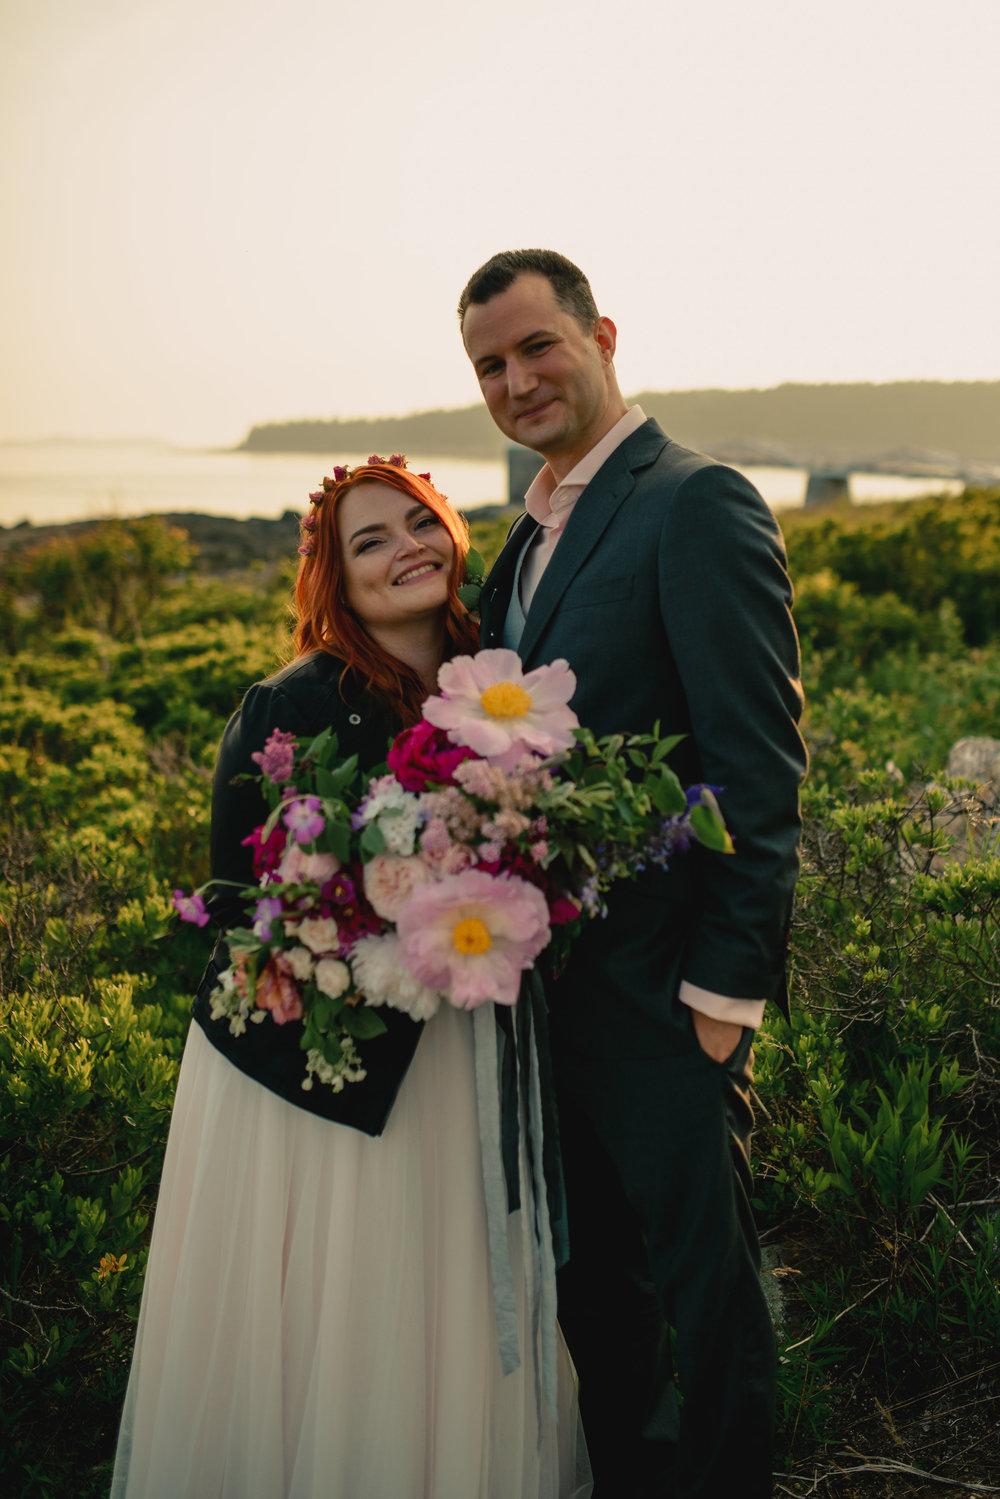 Watershed_Floral_Maine_Wedding_Florist_507.jpg